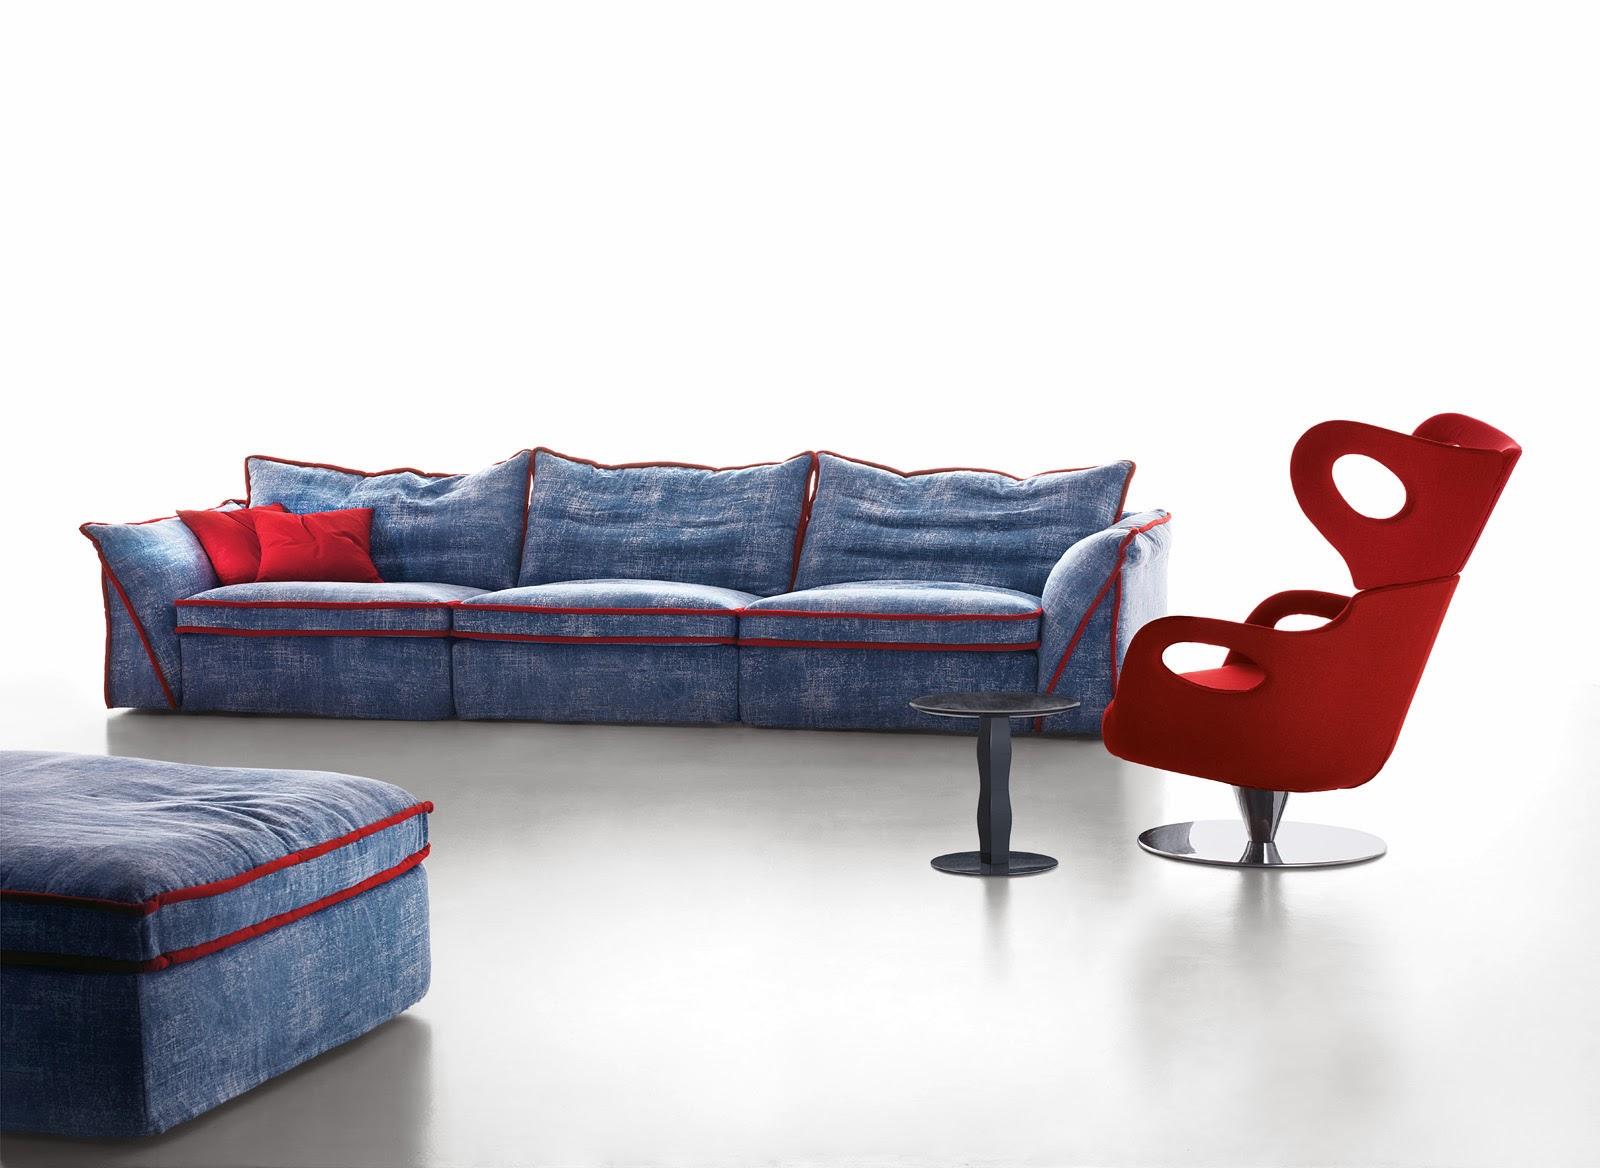 Divani blog tino mariani divano moderno five for Divano moderno